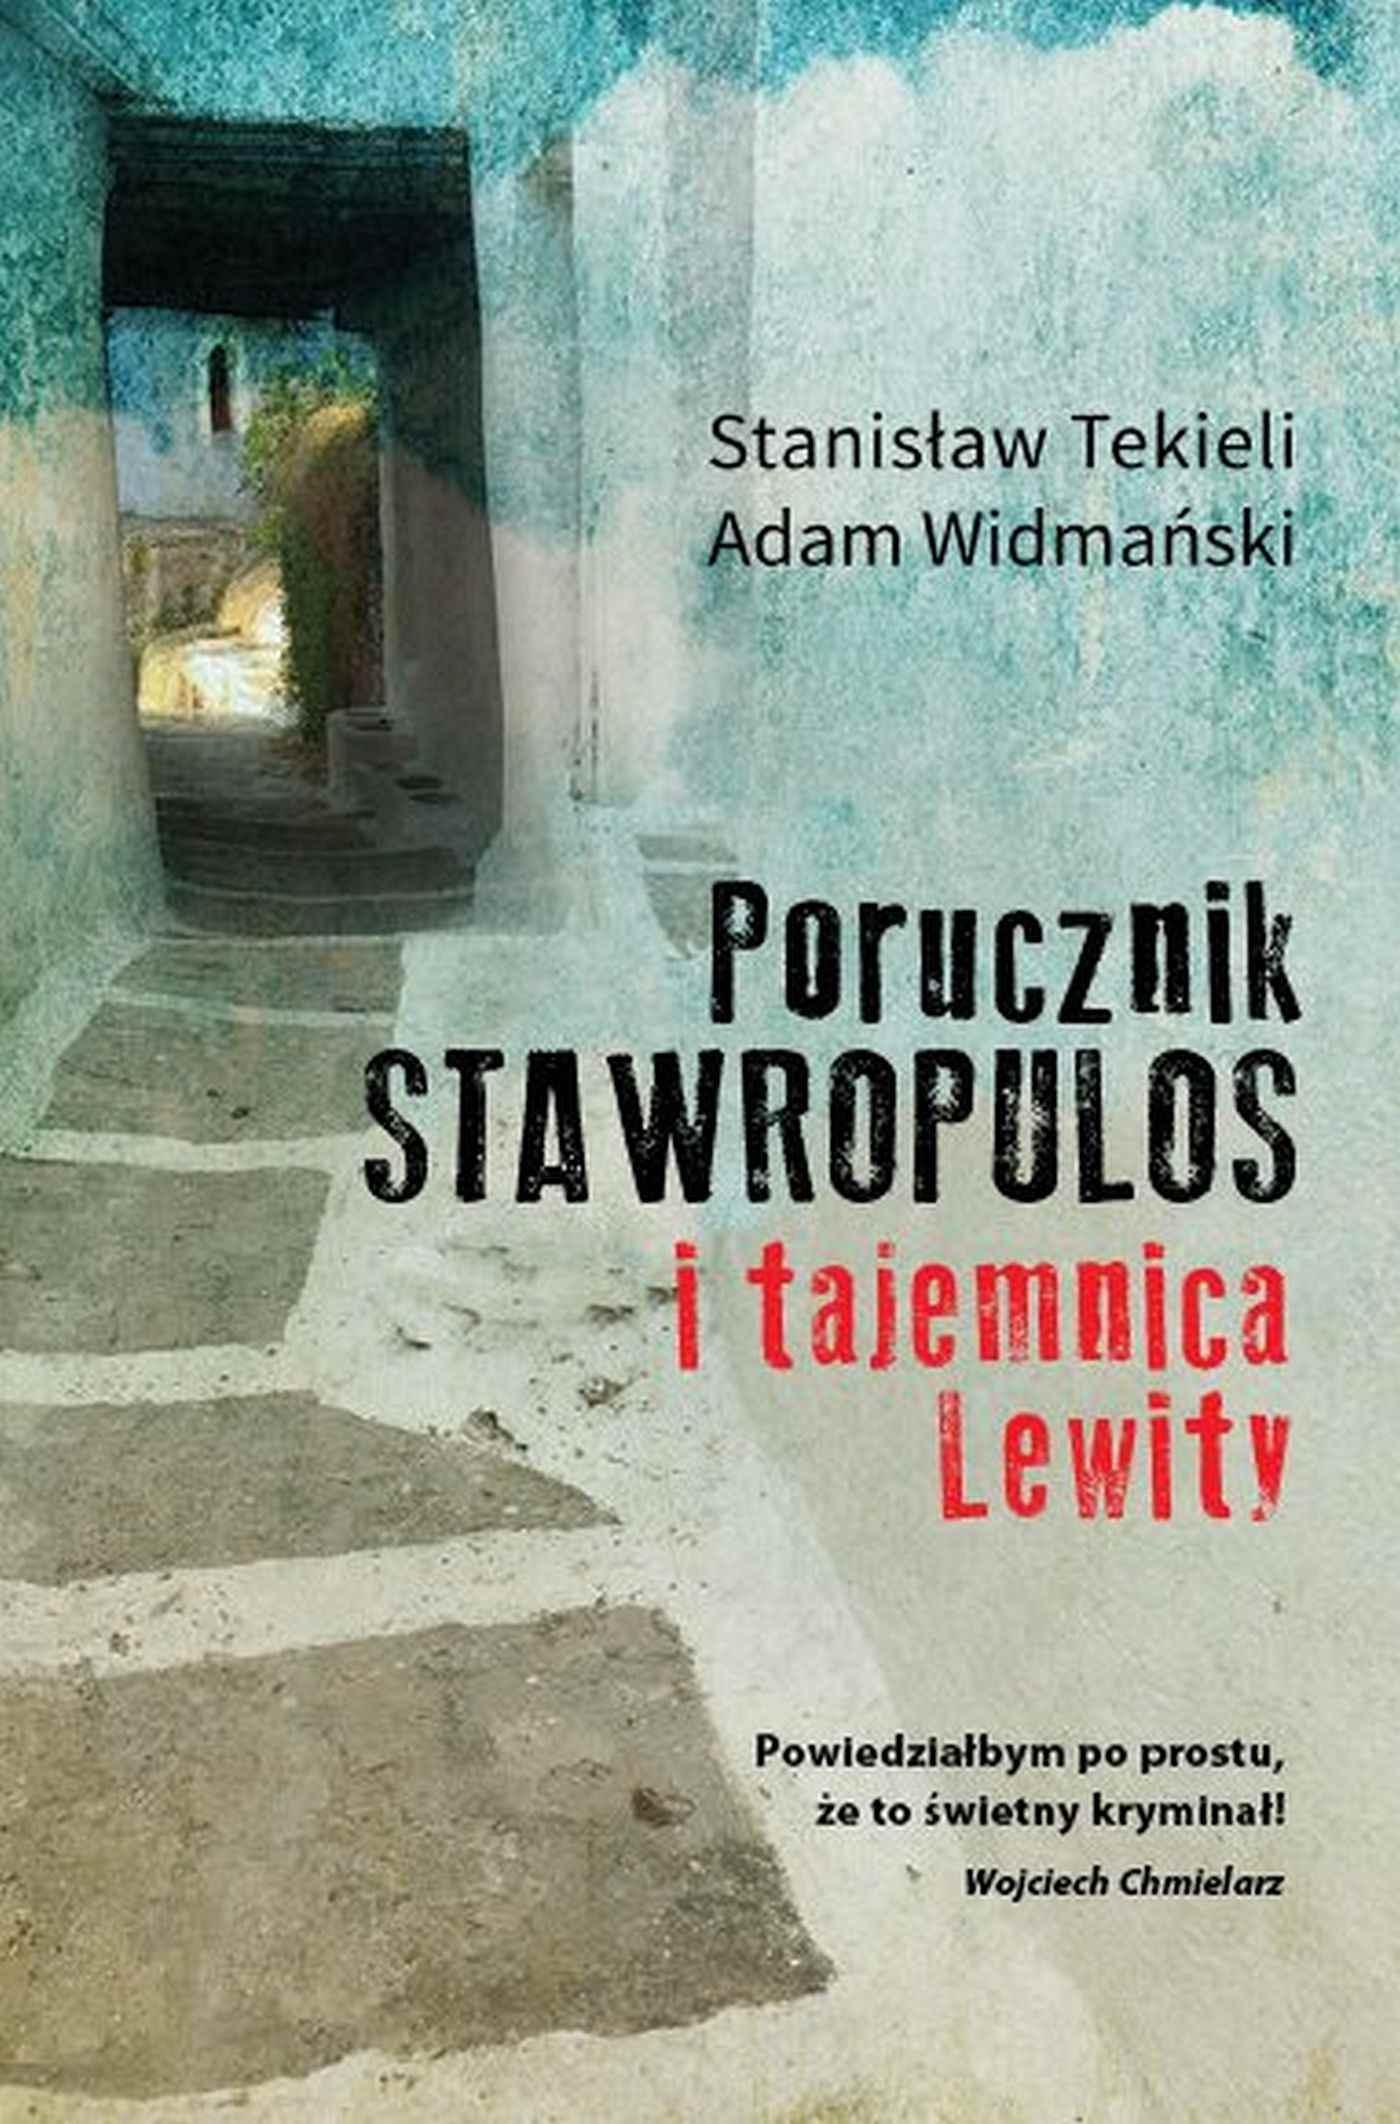 Porucznik Stawropulos i tajemnica Lewity - Ebook (Książka EPUB) do pobrania w formacie EPUB